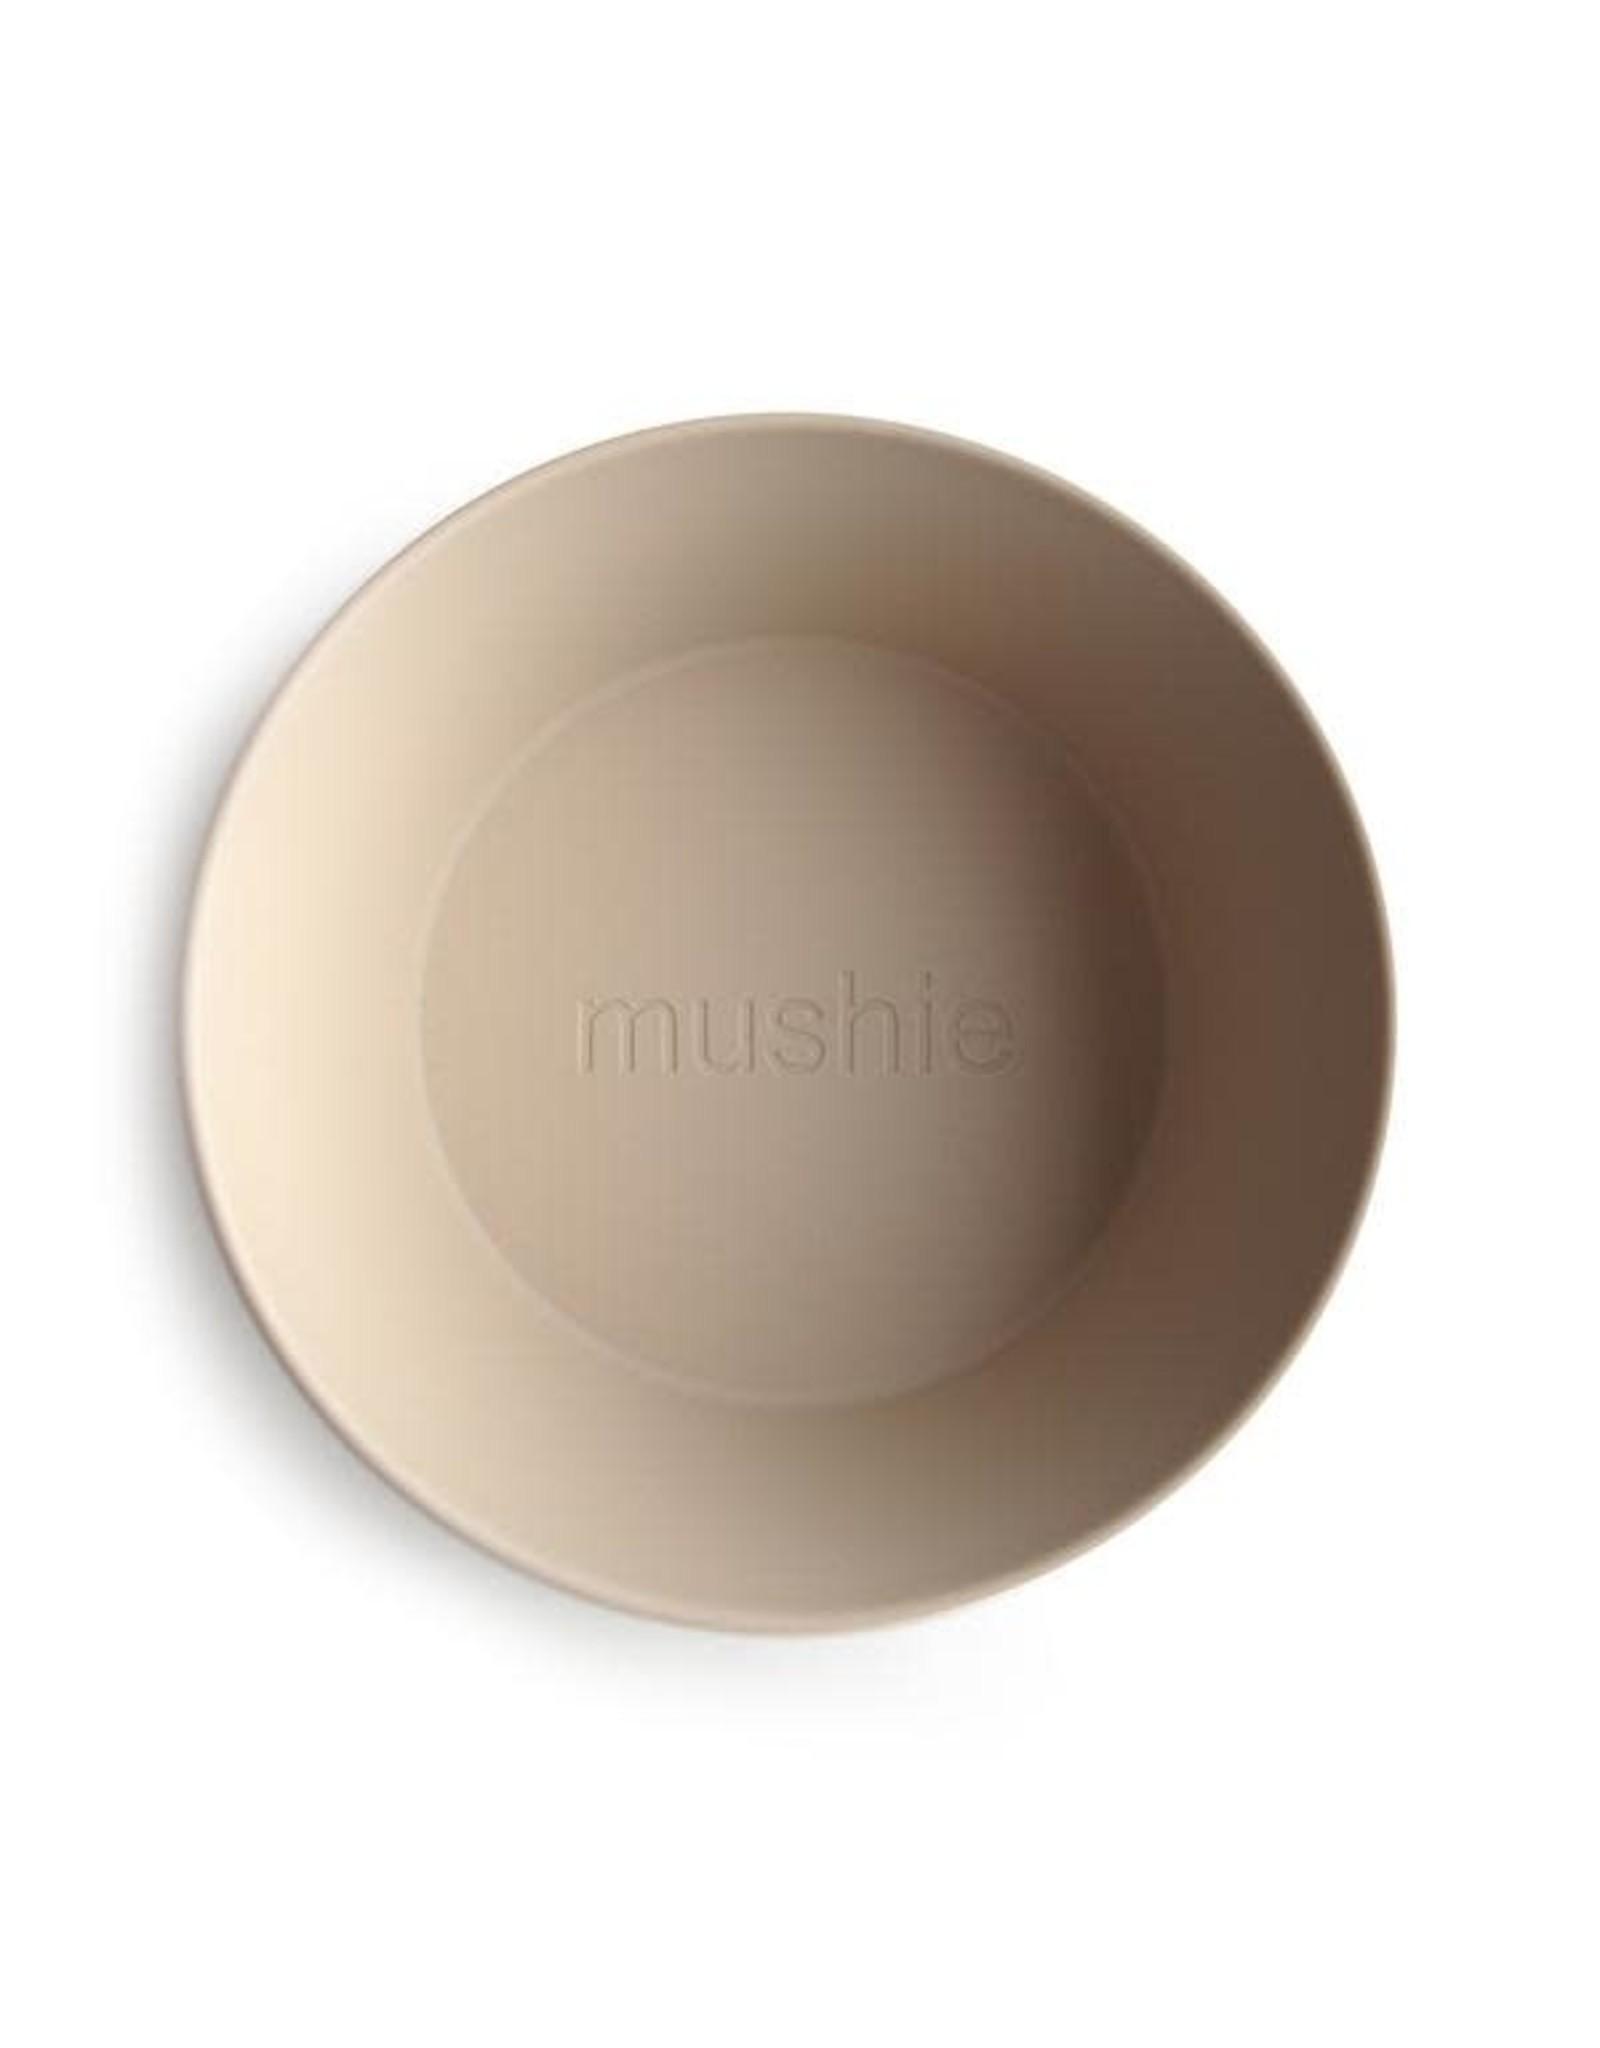 Mushie Mushie Bowl Round Vanilla (2st)